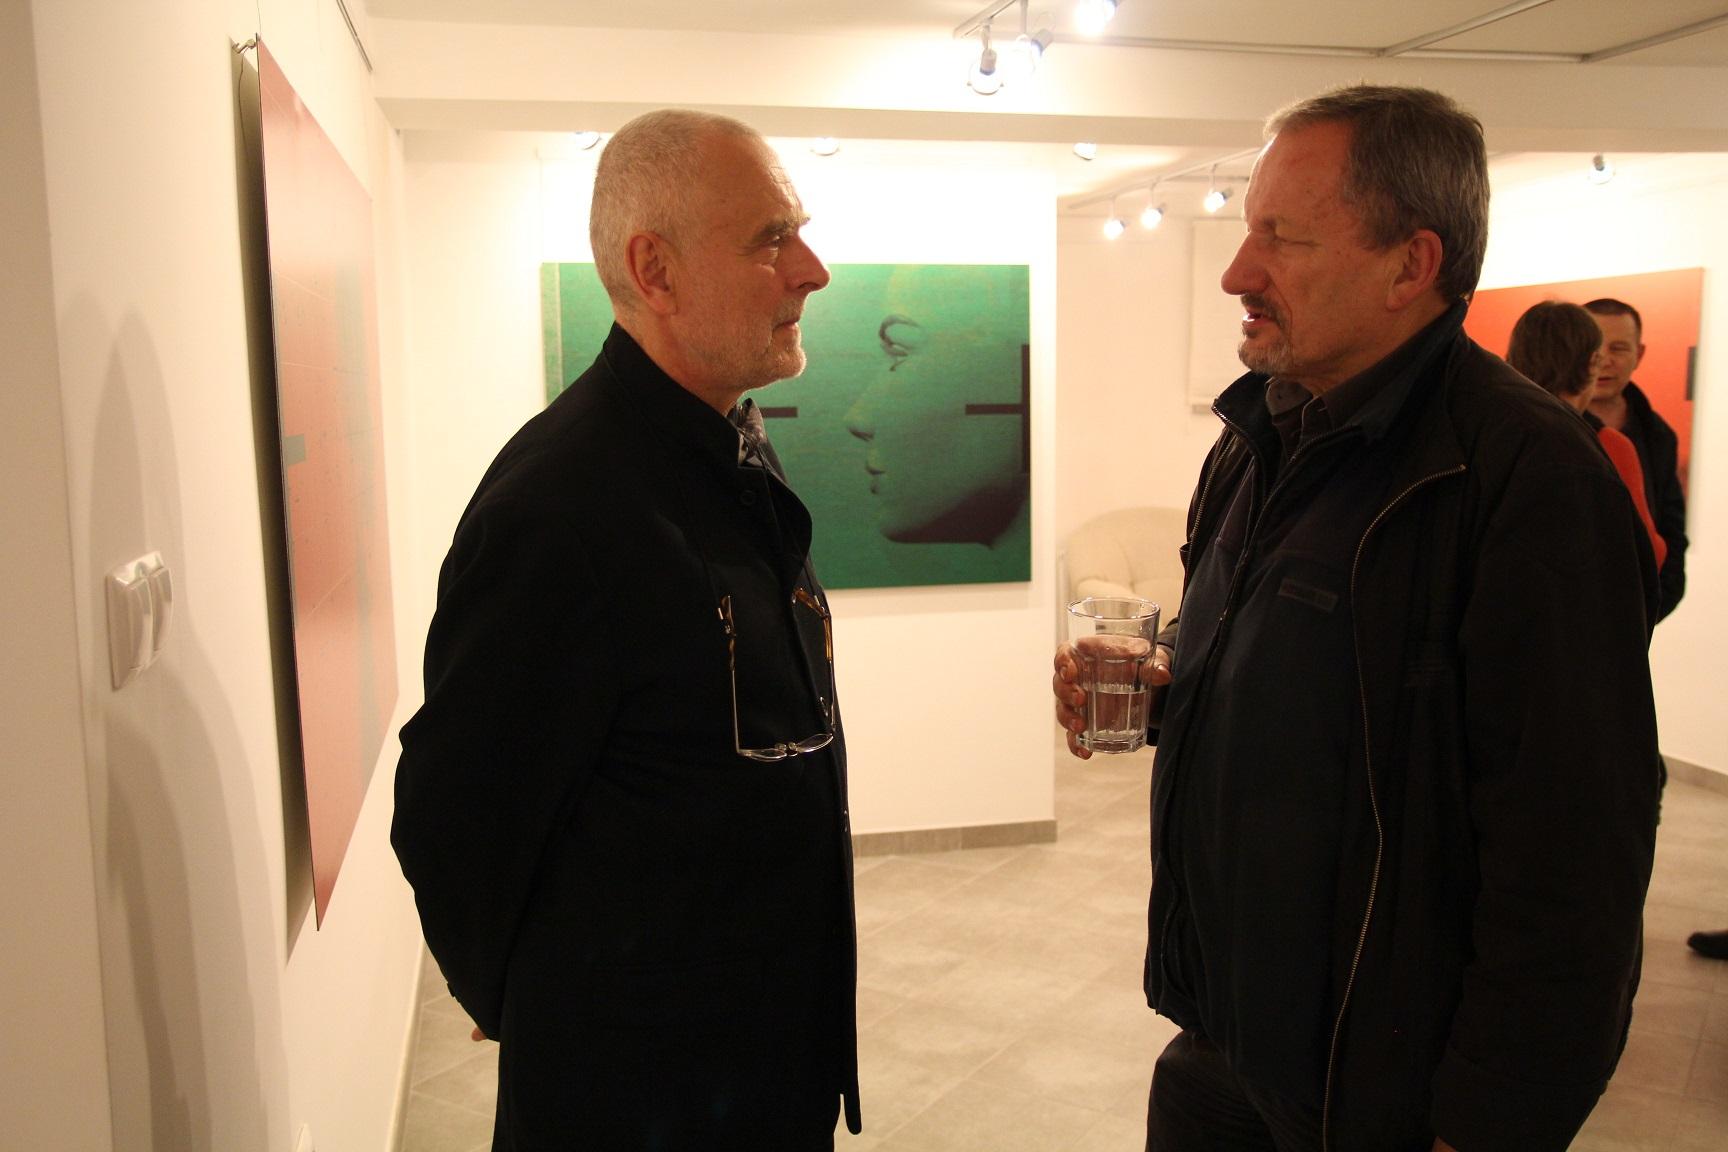 """Janusz Michalik i Bartek Pniewski.  Wernisaż wystawy """"Mirosław Pawłowski. Kamuflaż"""", listopad 2012."""